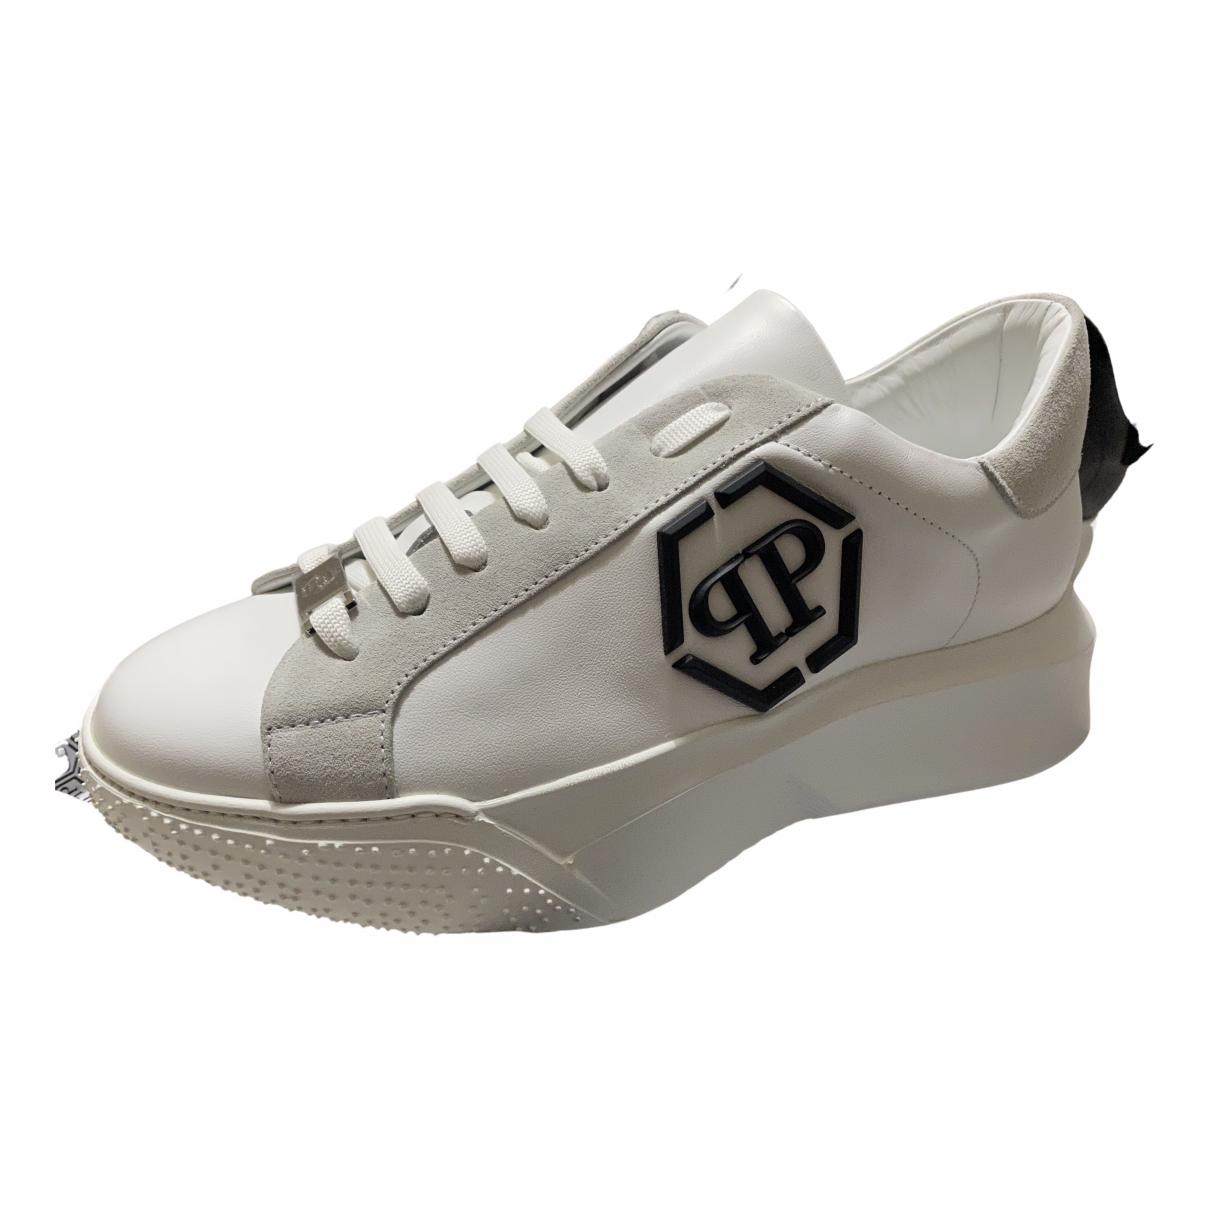 Philipp Plein - Baskets   pour homme en caoutchouc - blanc